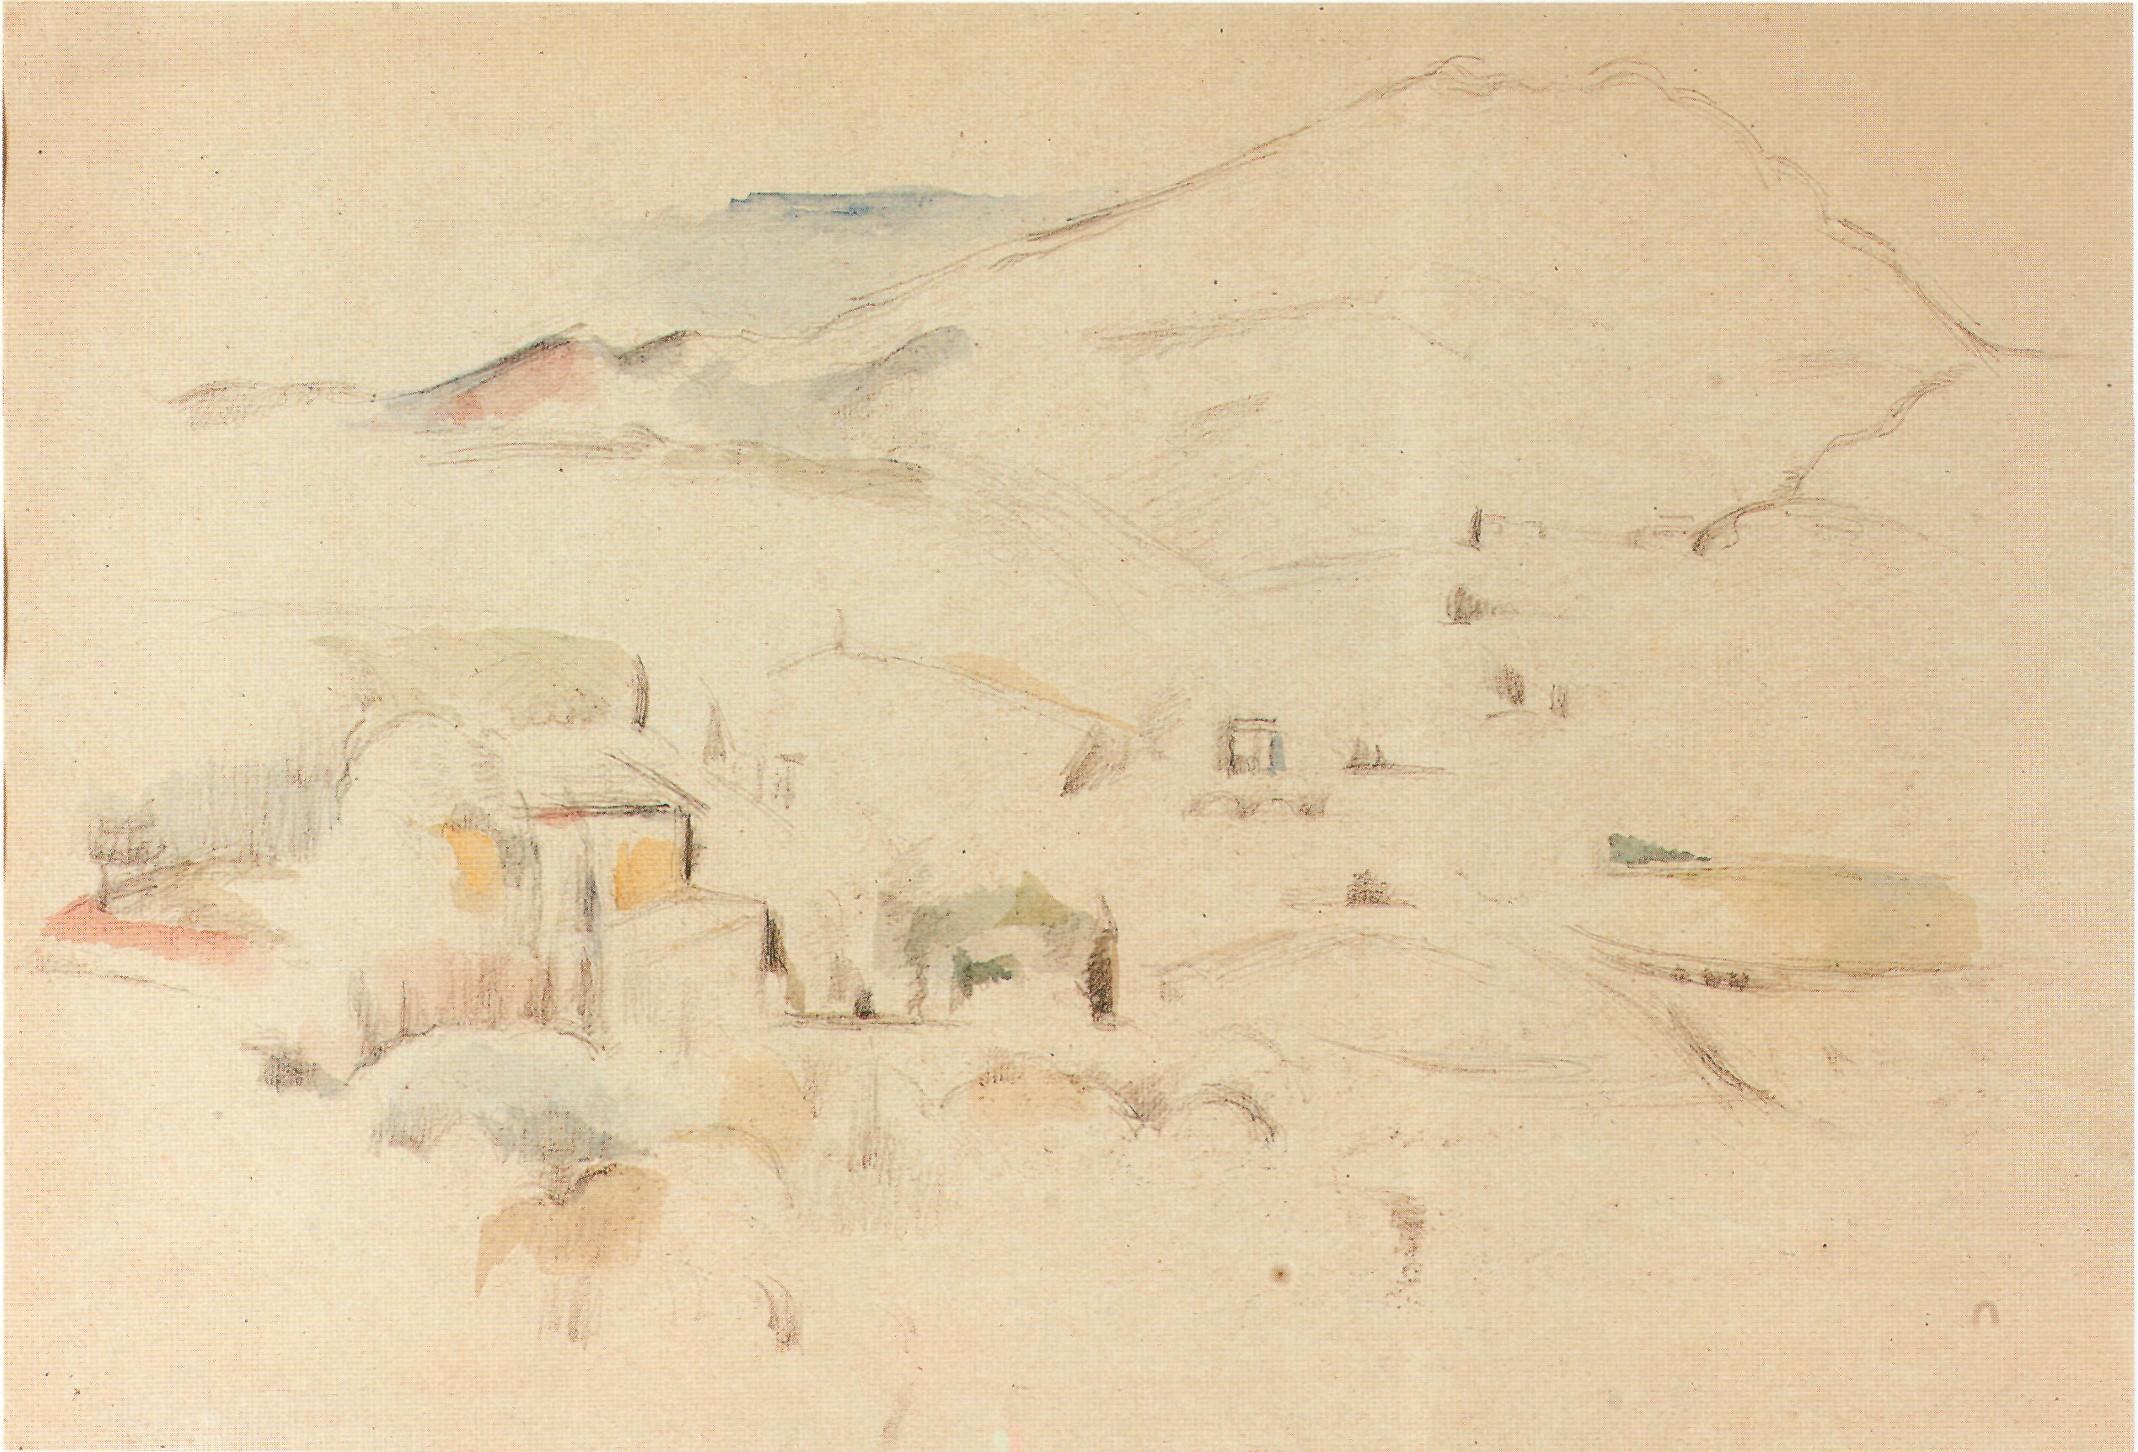 Cezanne Montagne Sainte Victoire 2000 Koller lot1746970